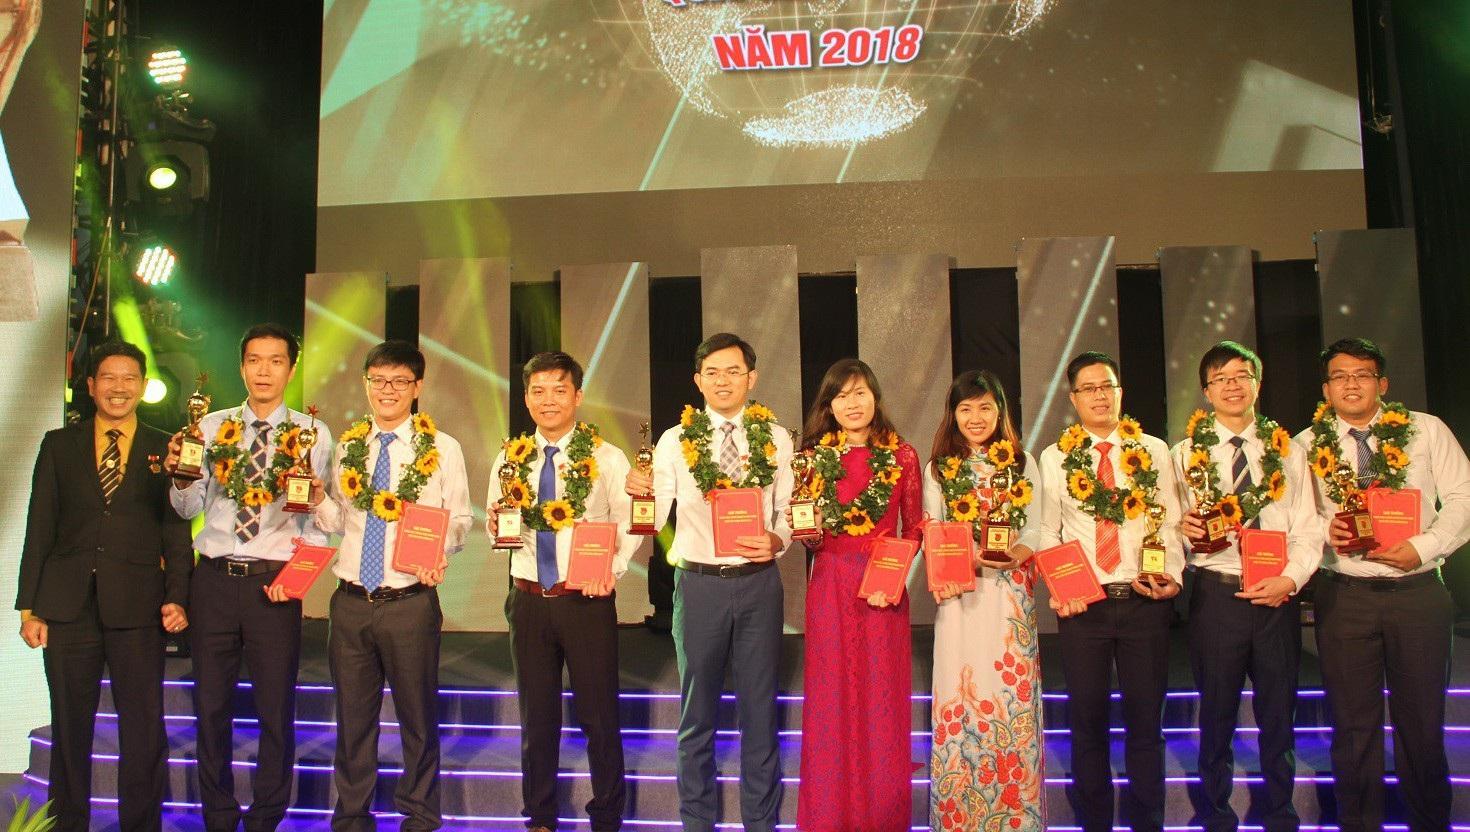 10 tài năng khoa học trẻ nhận giải thưởng Quả cầu vàng 2018 - Ảnh 2.